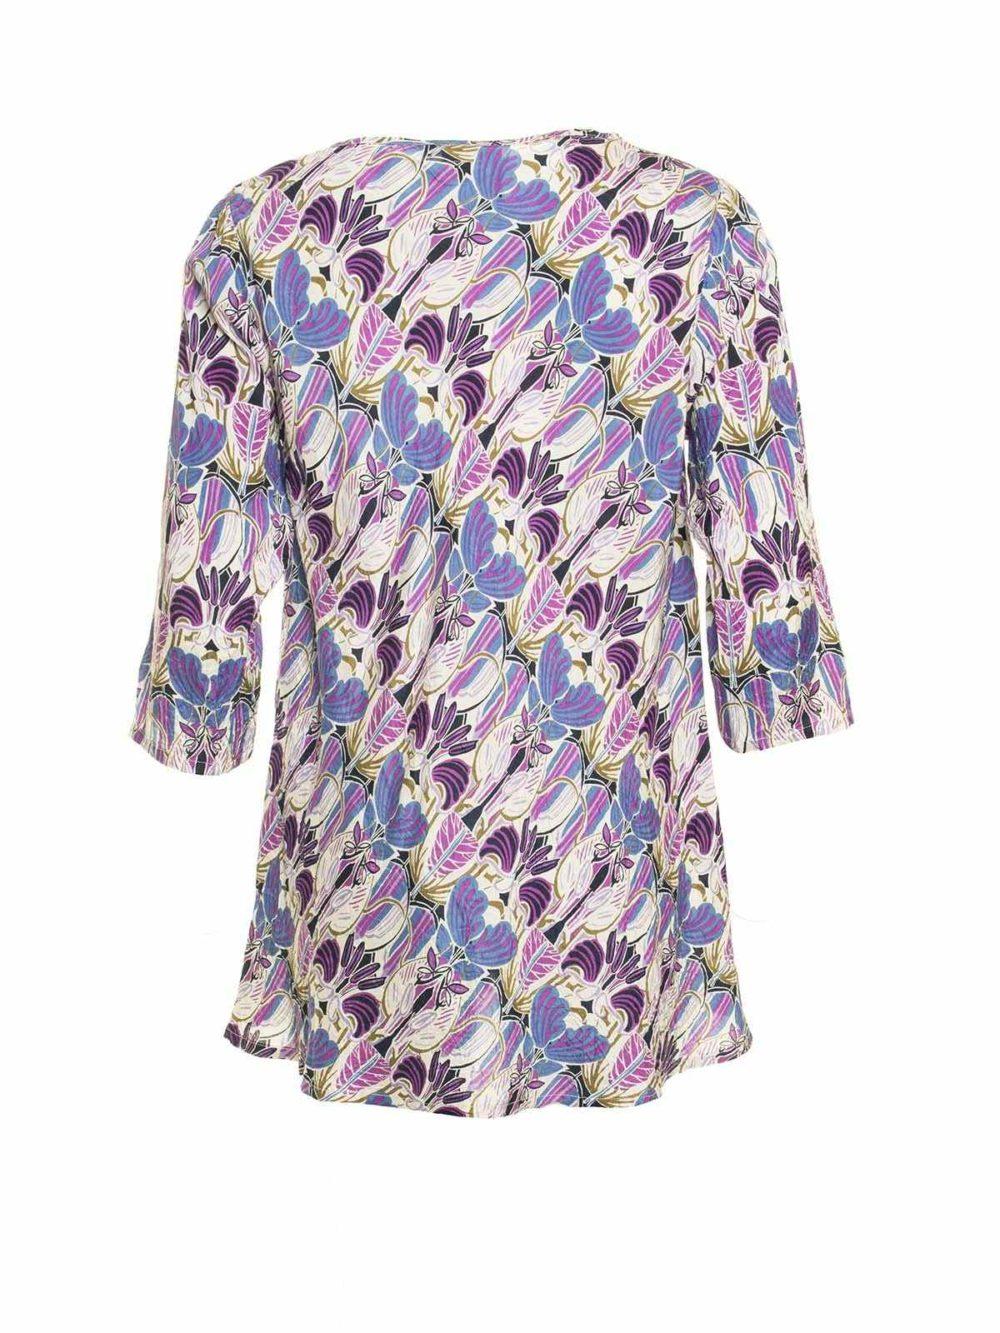 Kiwi Top Masai Clothing Katie Kerr Women's Clothing